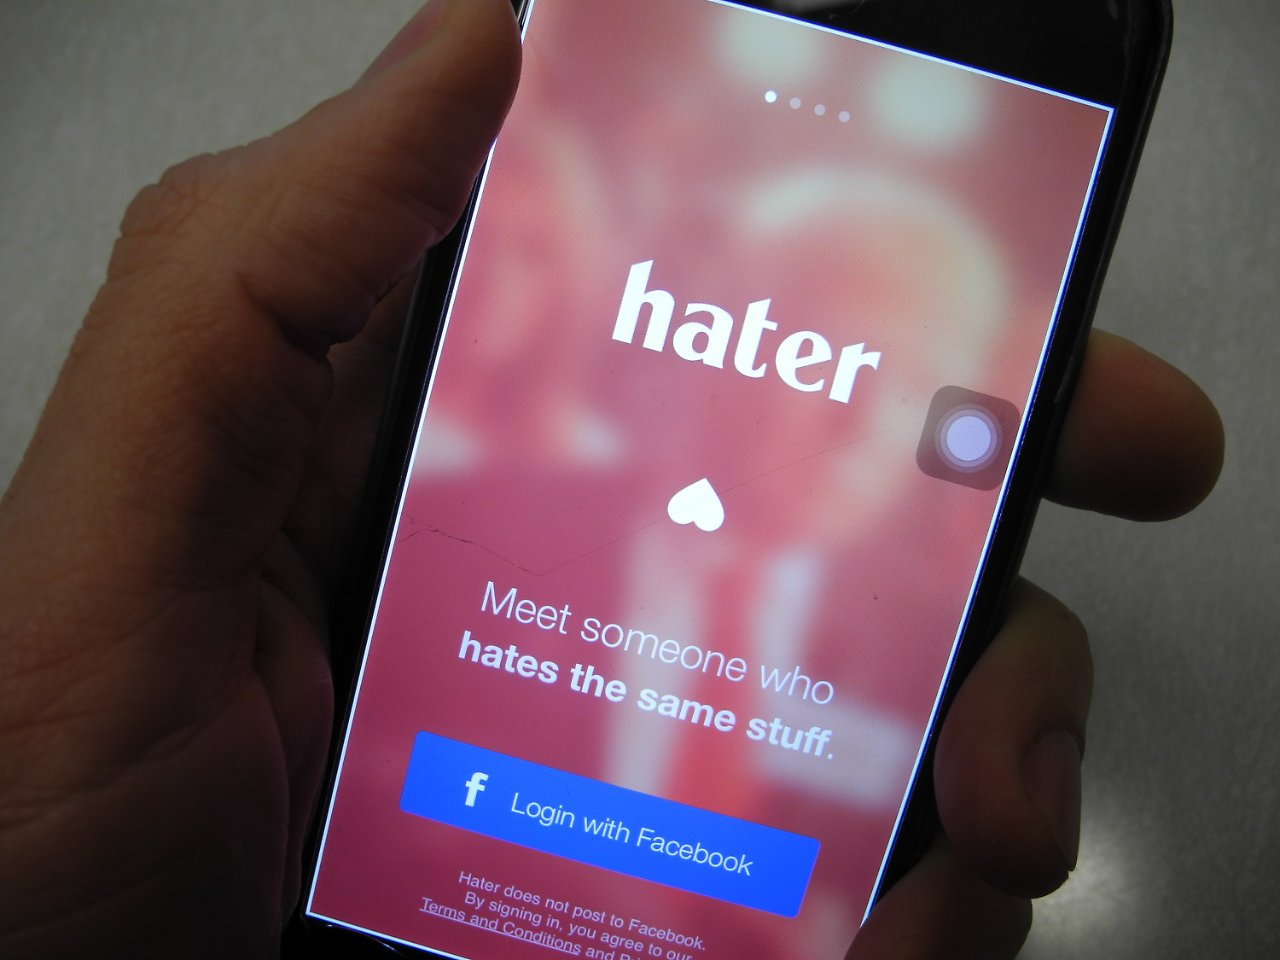 Wie heist die dating seiten mit xhamster.com